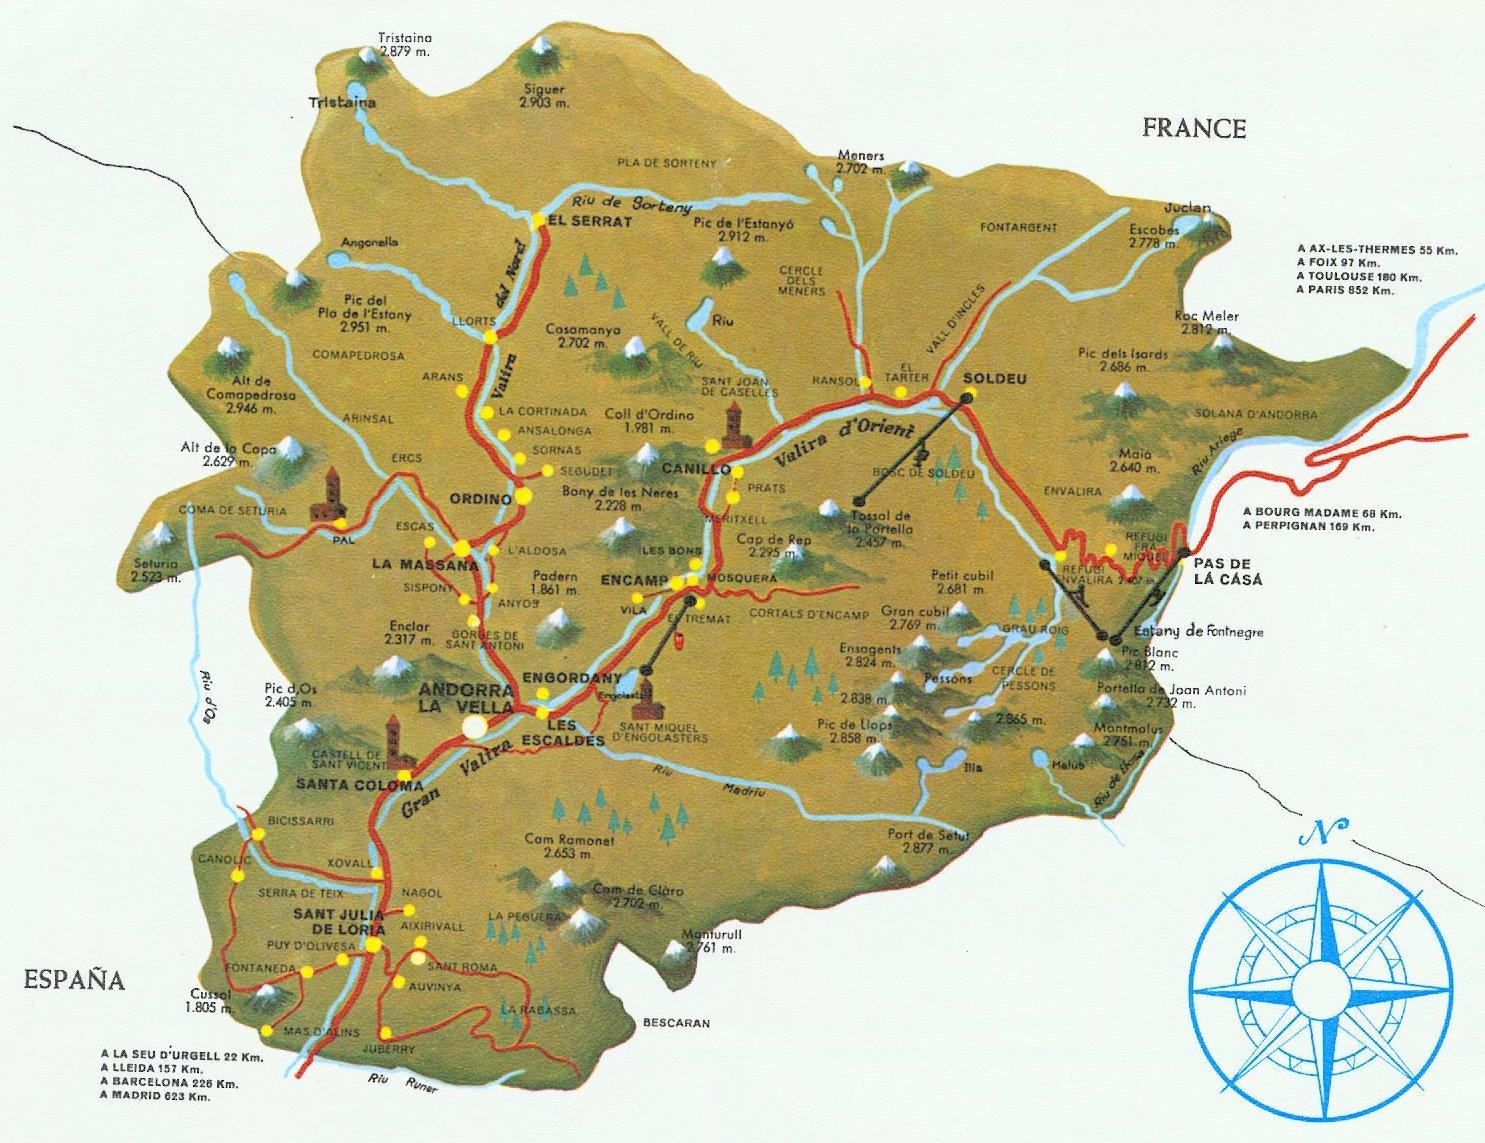 Mapa Geográfico de Andorra